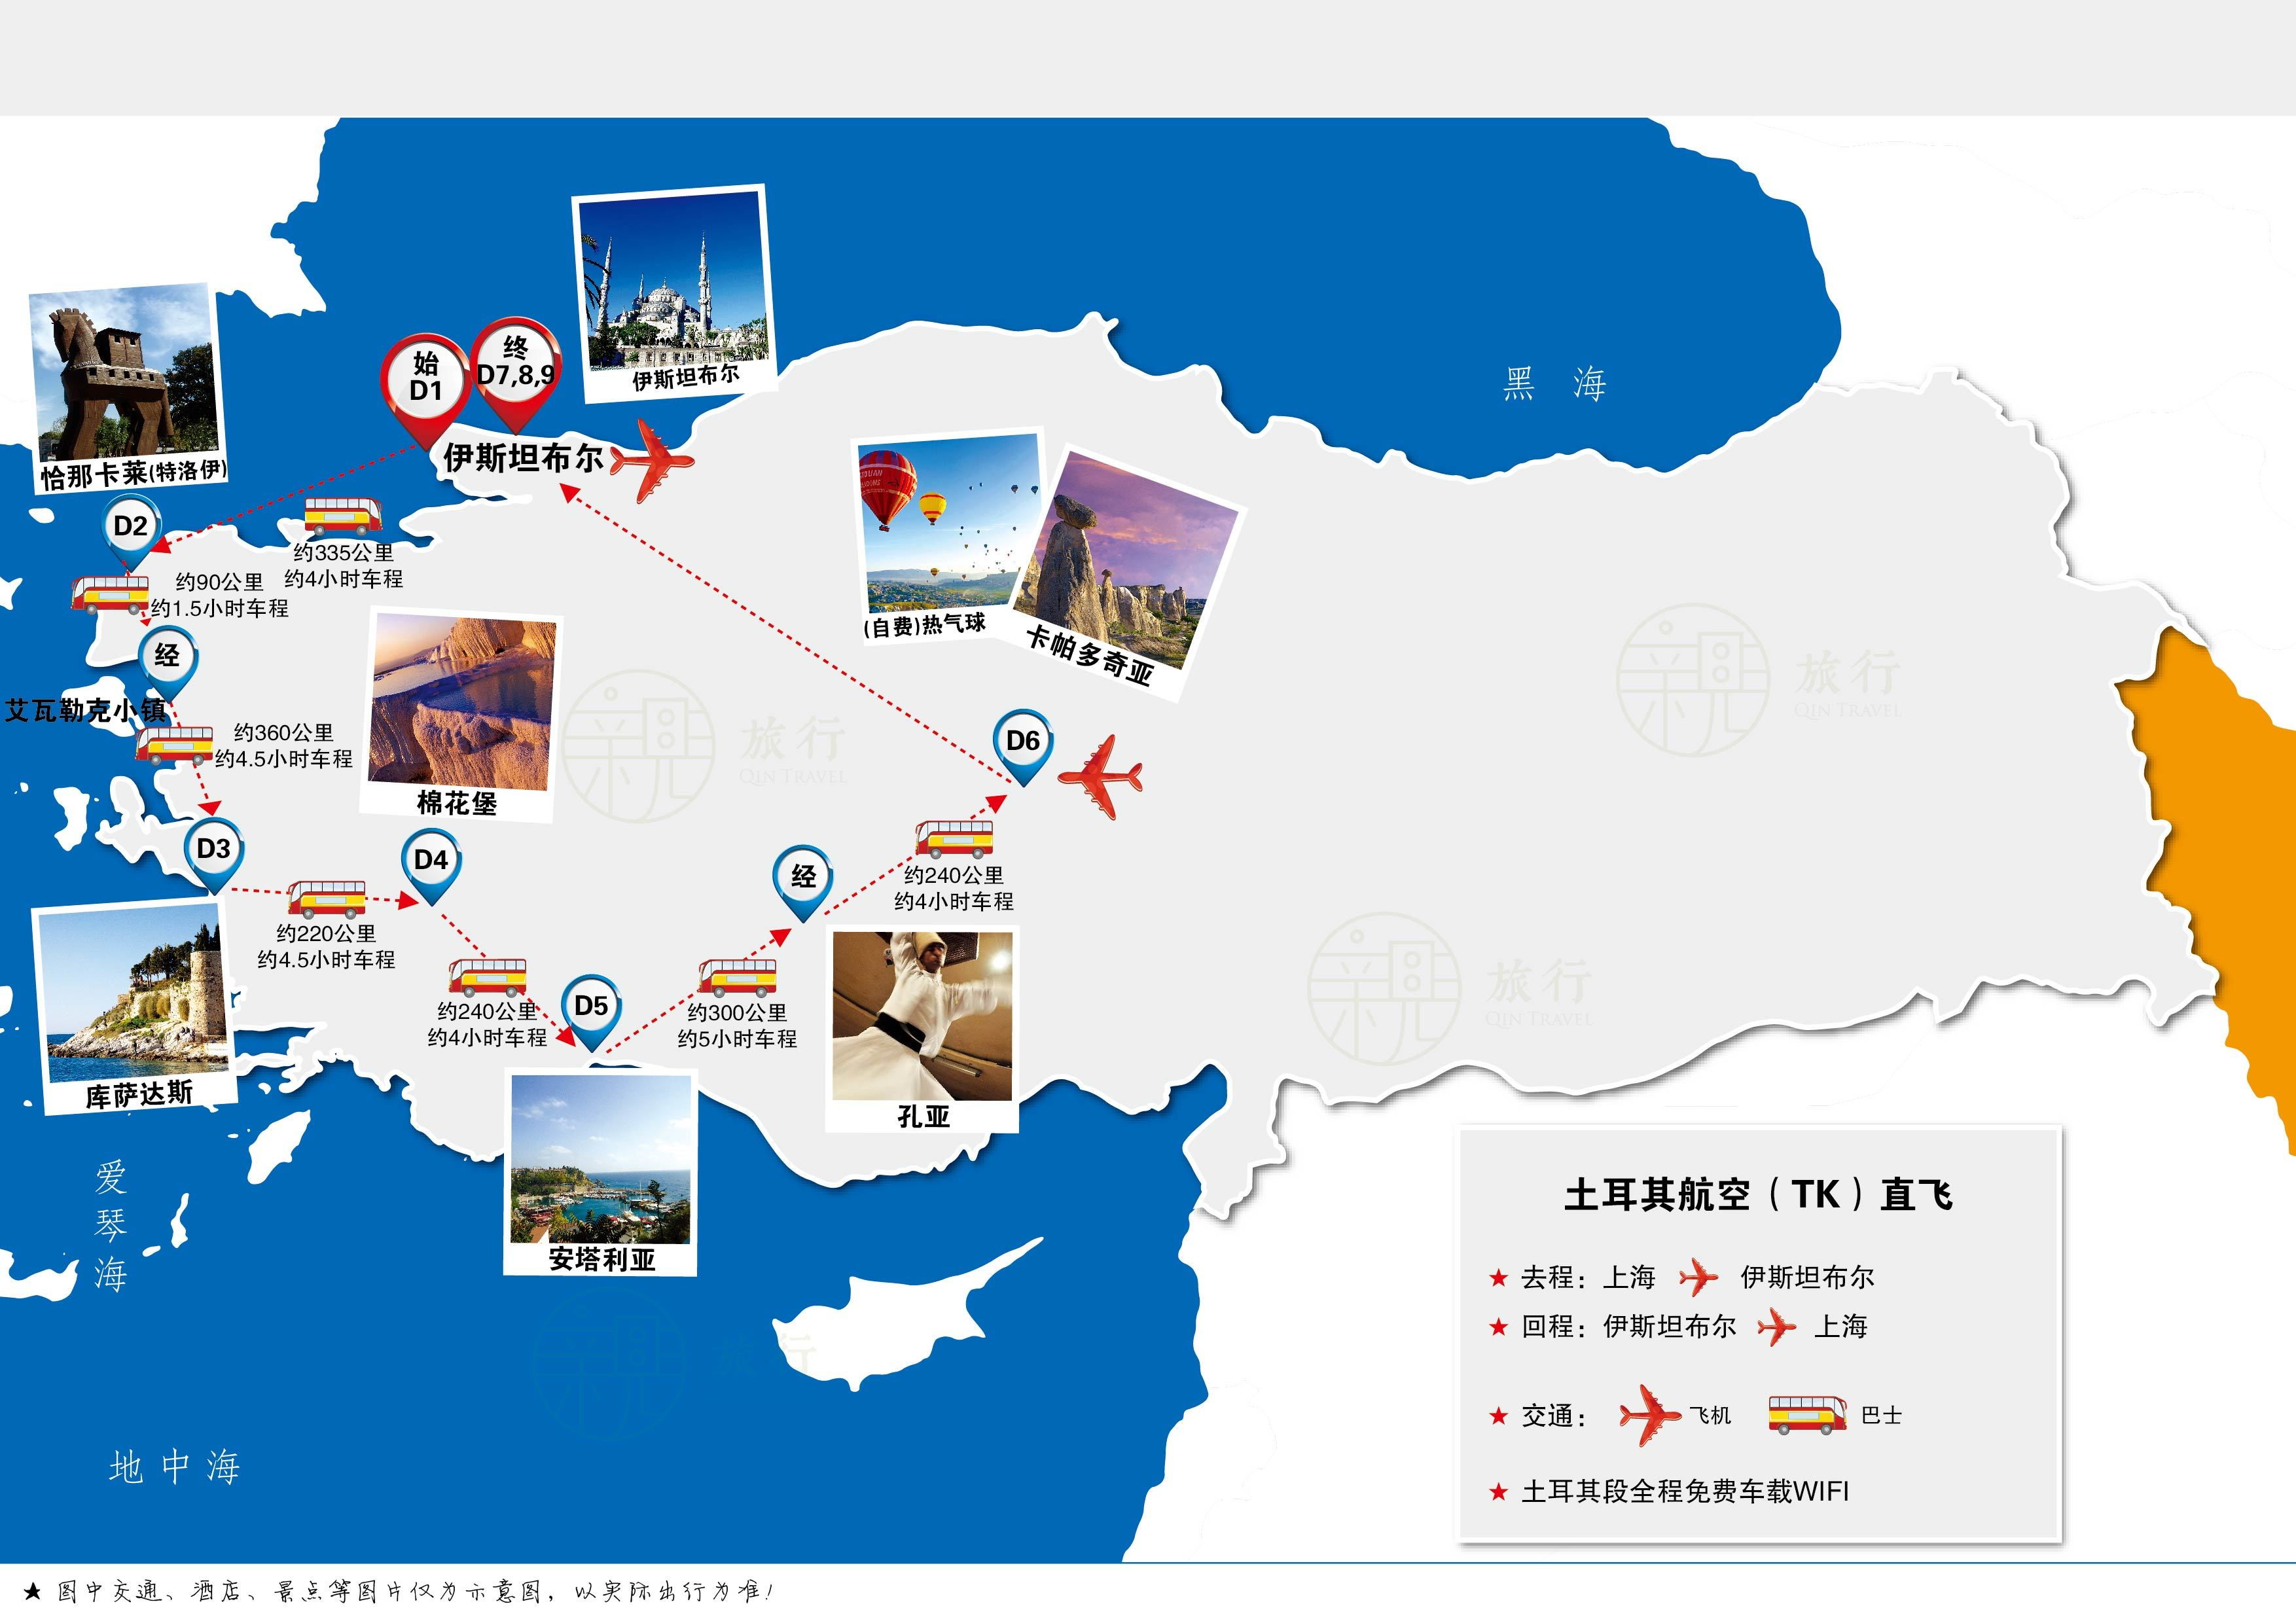 土耳其地图【相关词_ 世界地图土耳其地图】